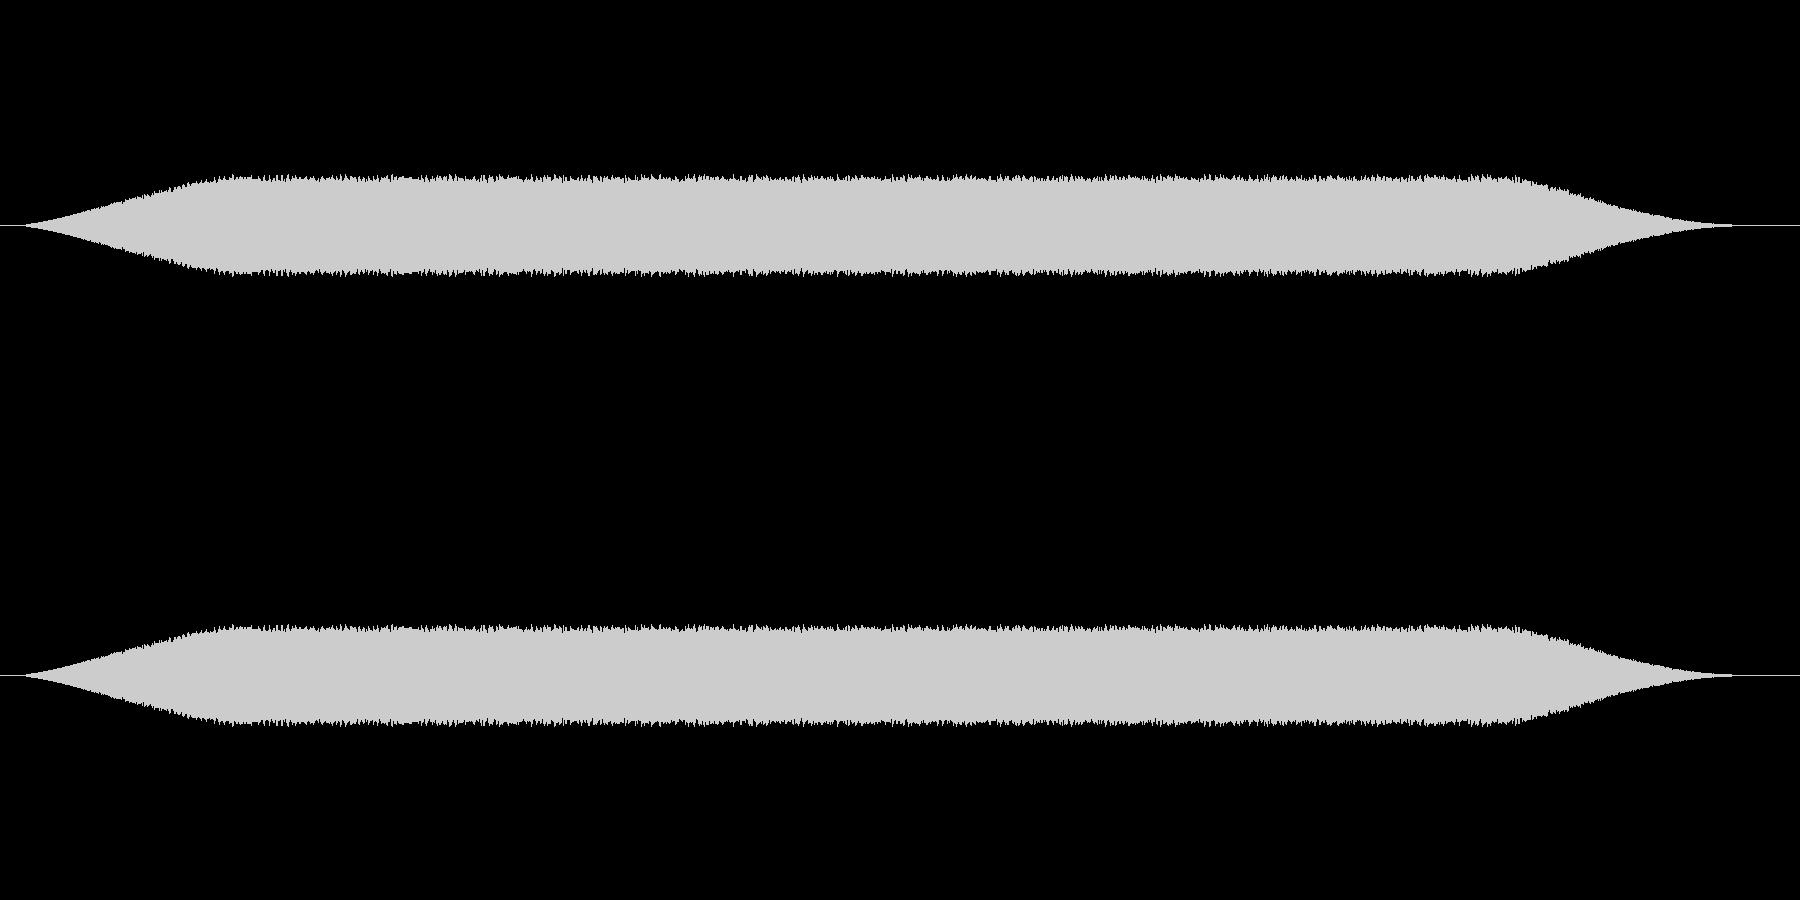 メカ動作・レーザーメス#1の未再生の波形